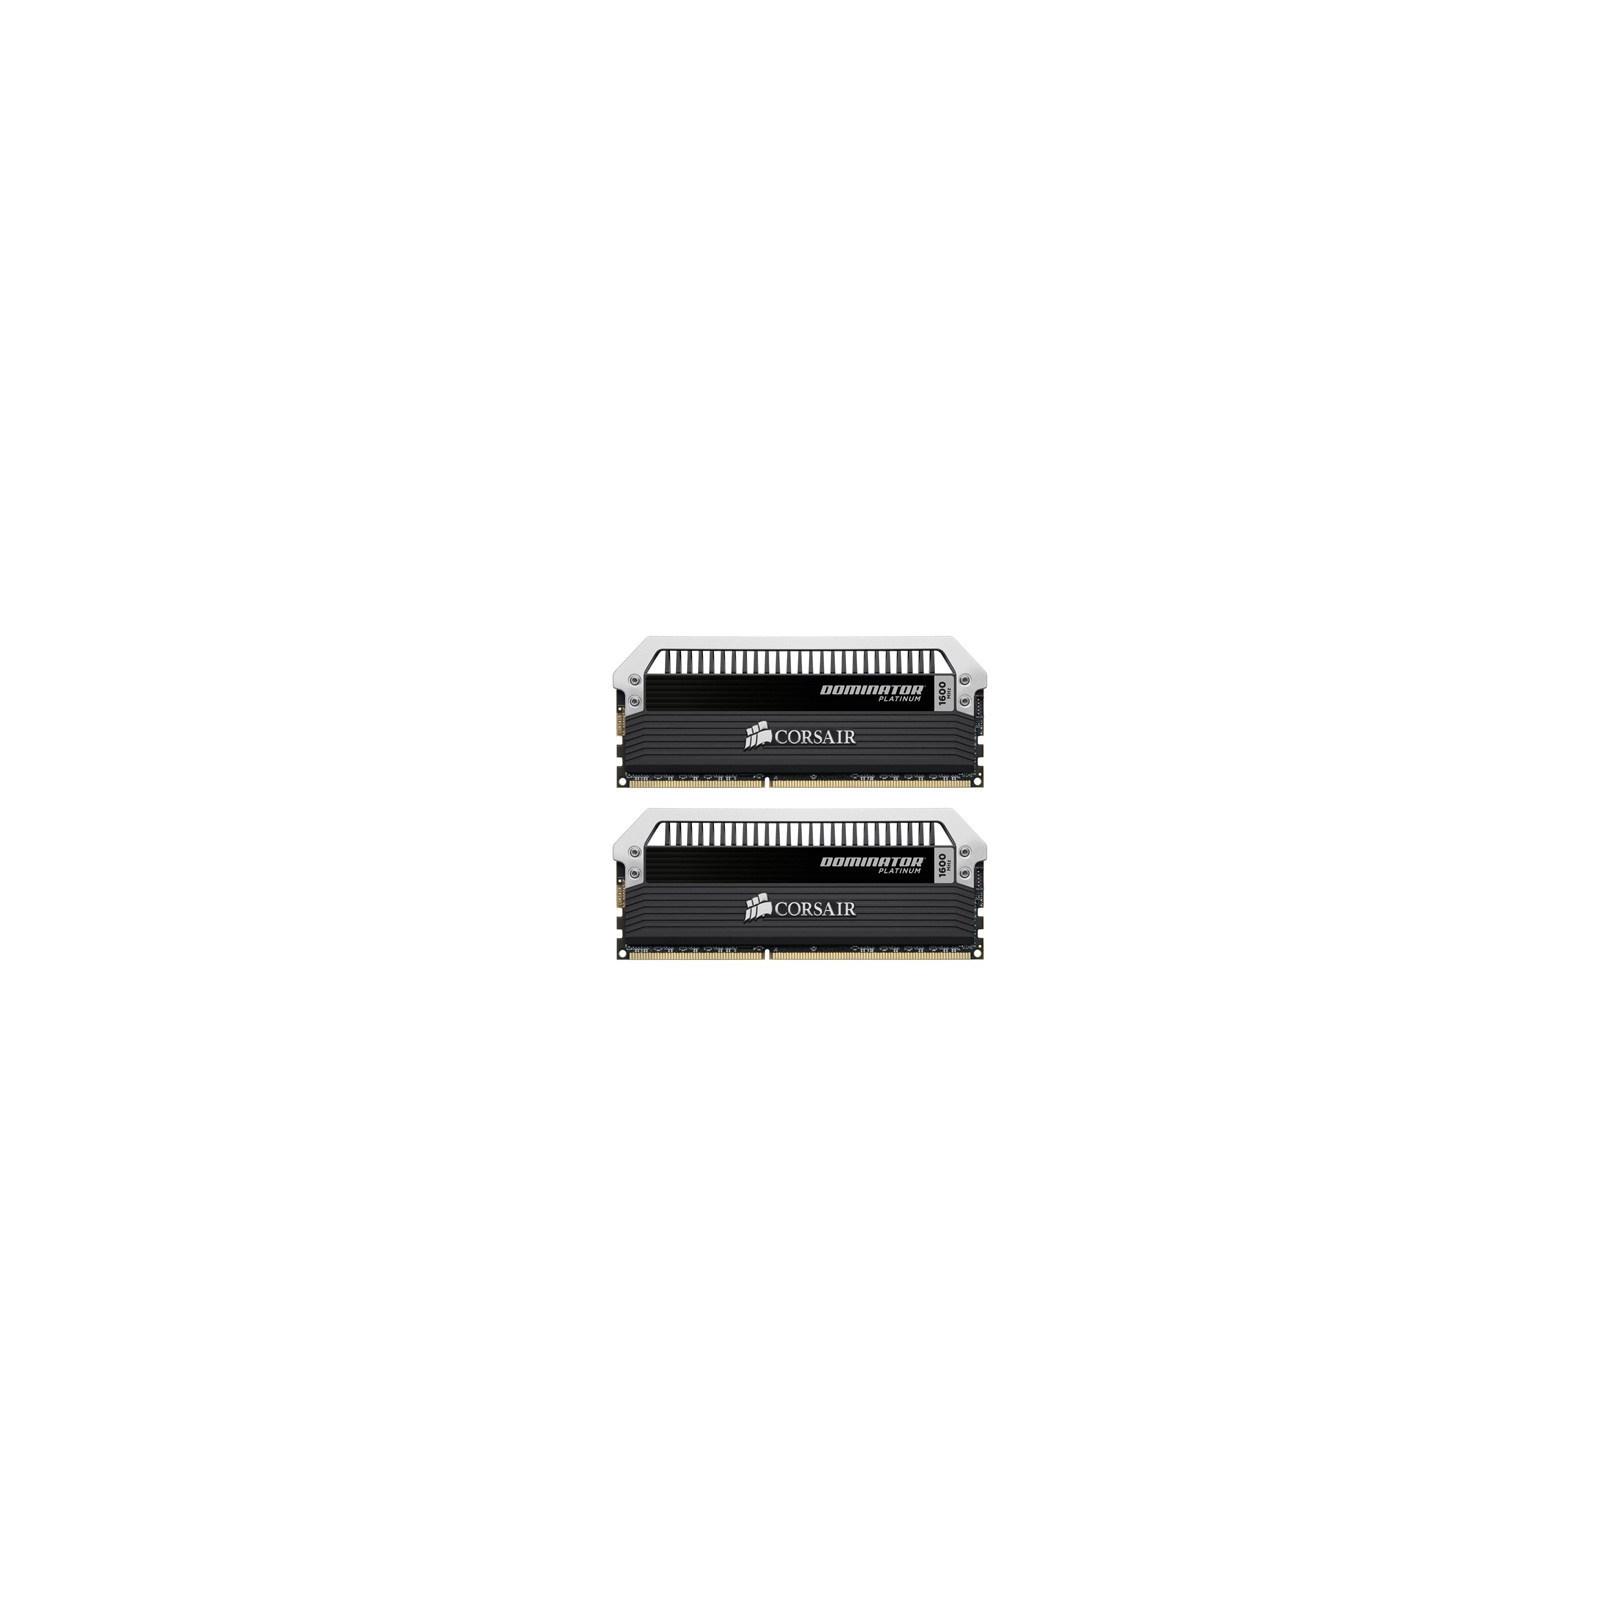 Модуль памяти для компьютера DDR3 8GB (2x4GB) 1866 MHz CORSAIR (CMD8GX3M2A1866C9)